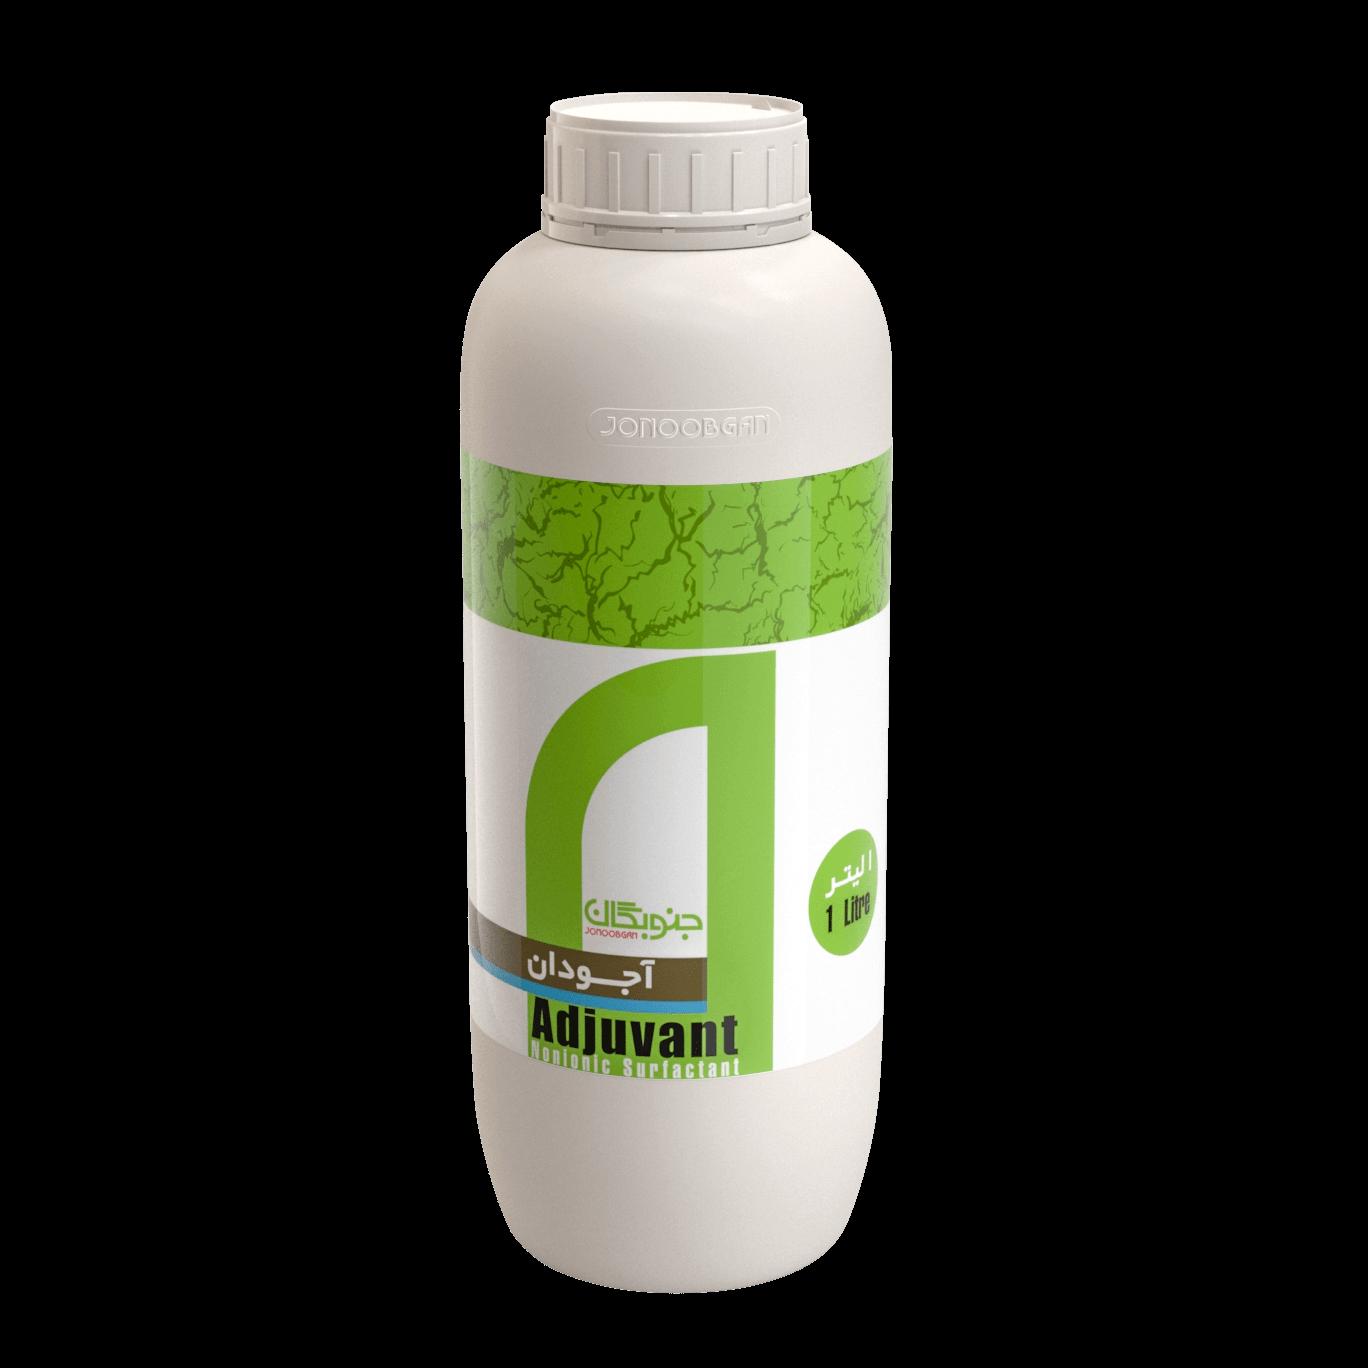 صابون محلول پاشی آجودان